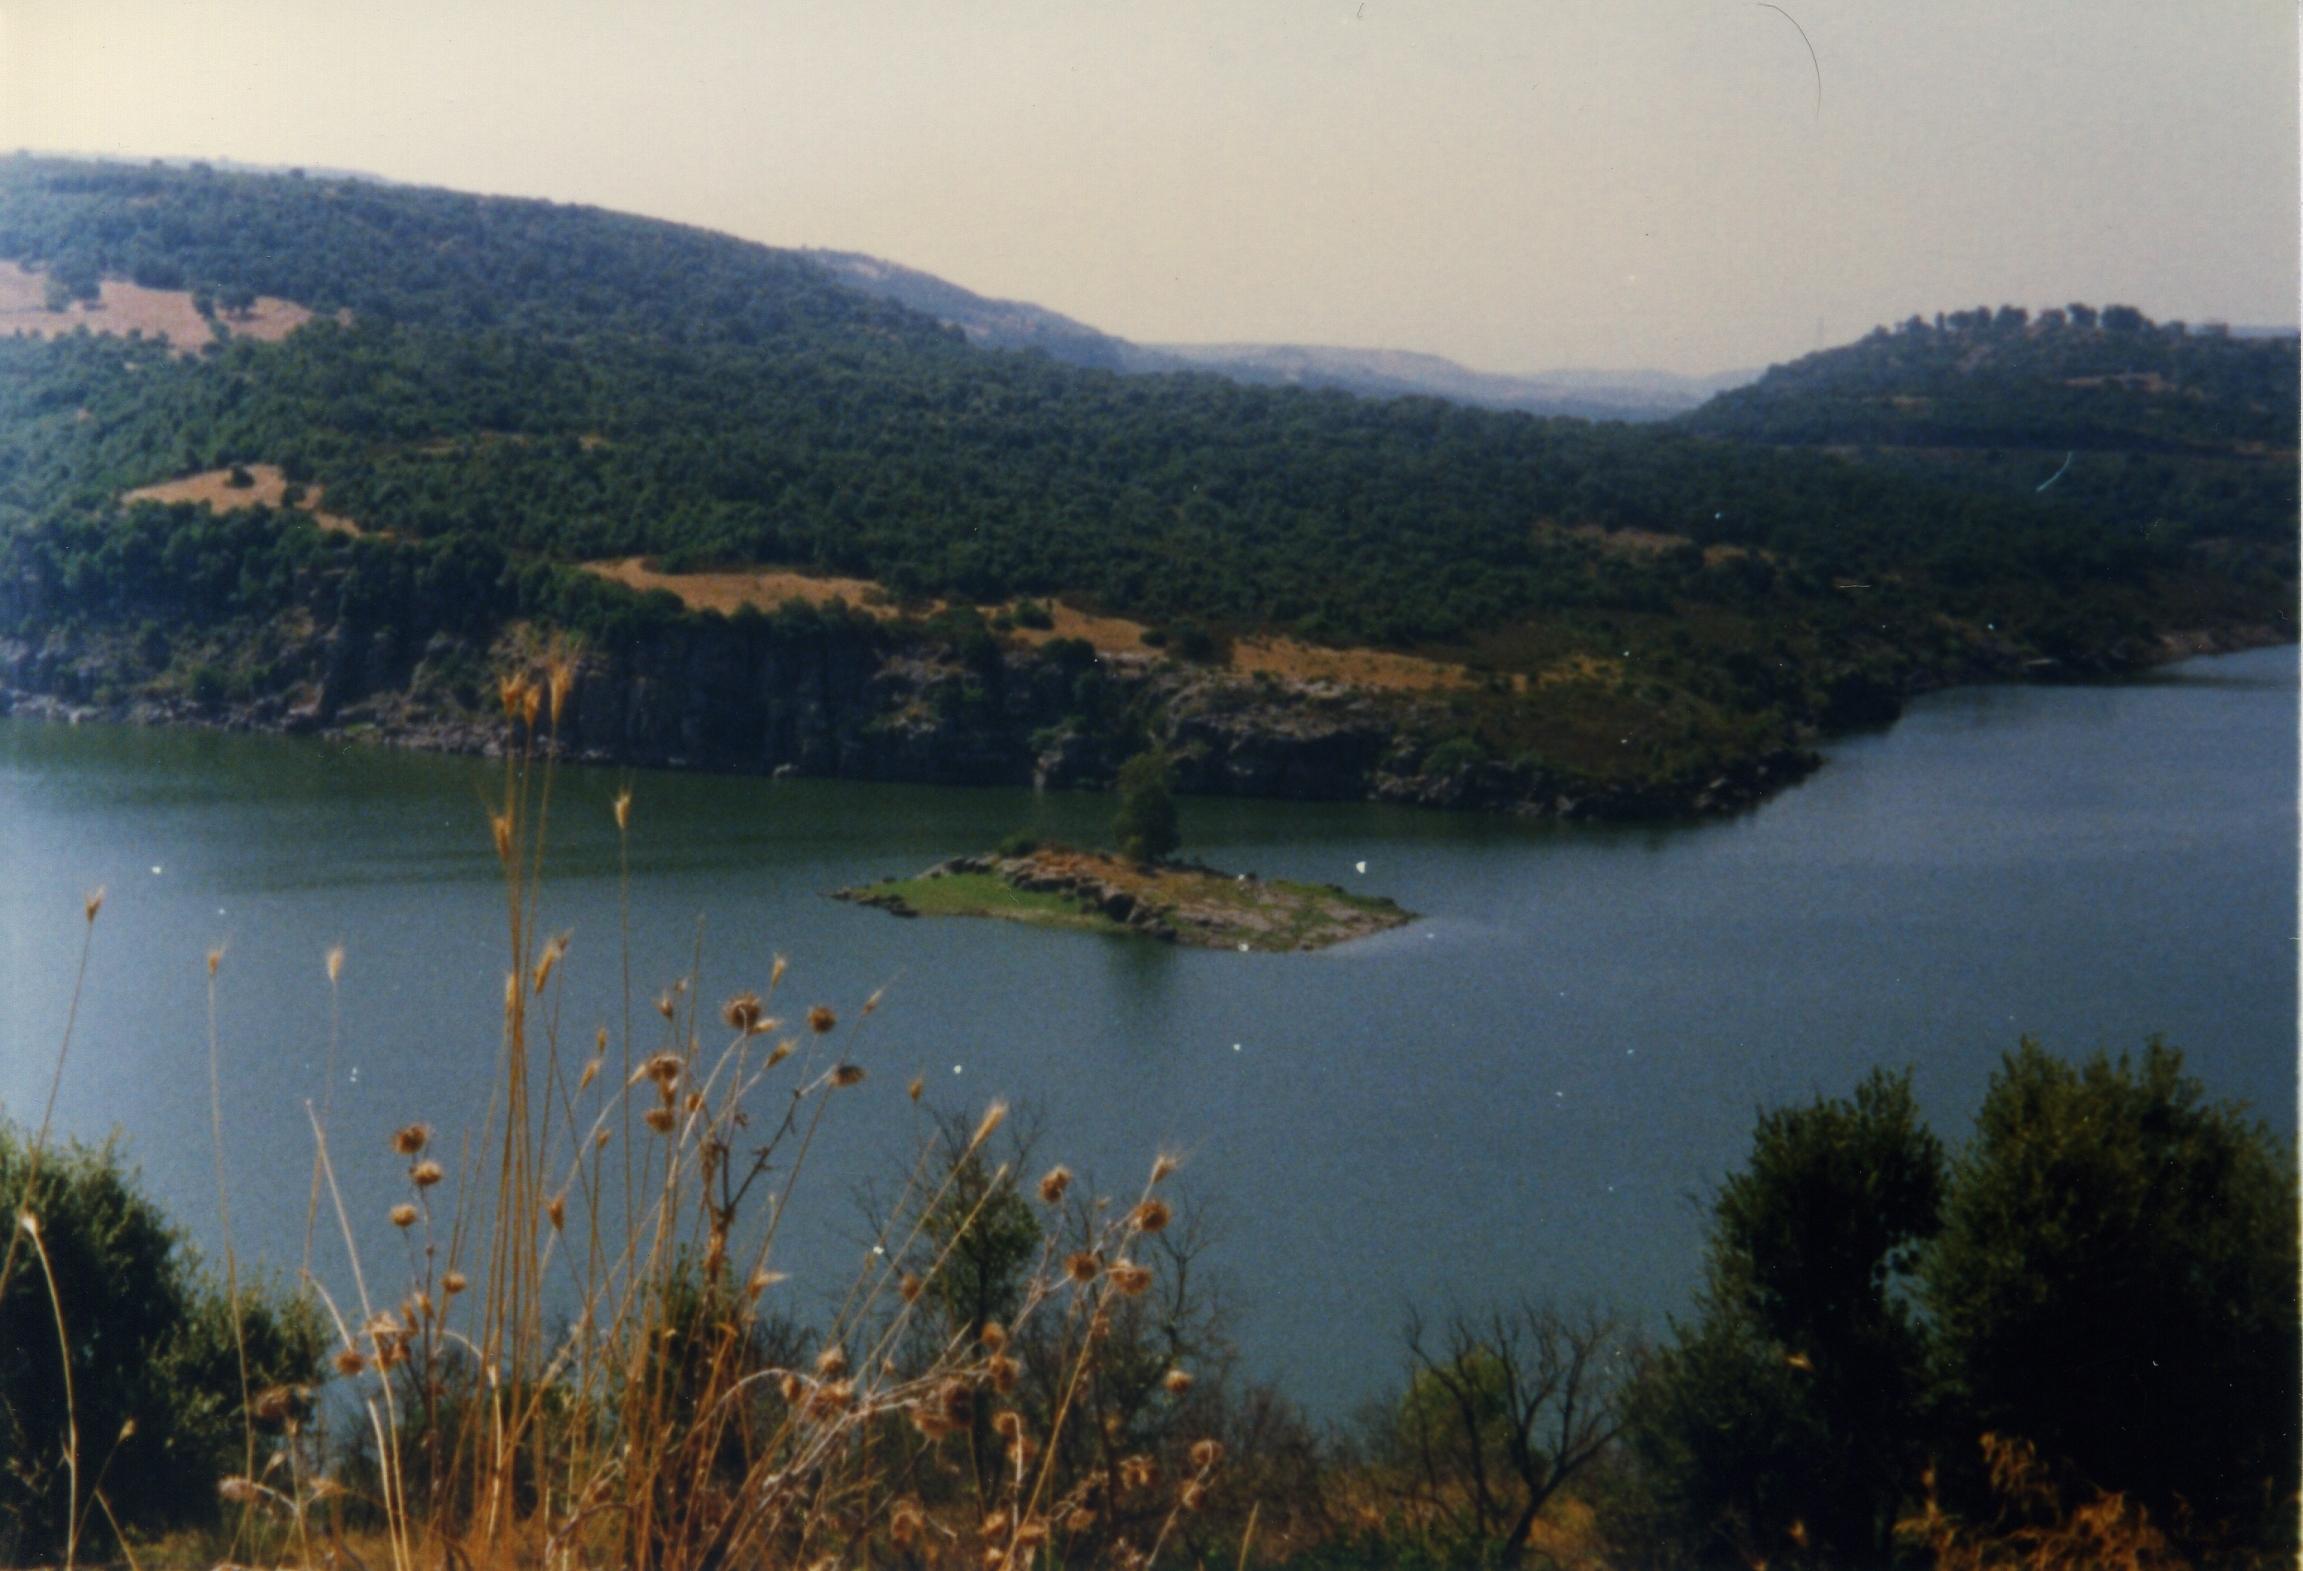 Settembre 1999 - Vista del lago Omodeo